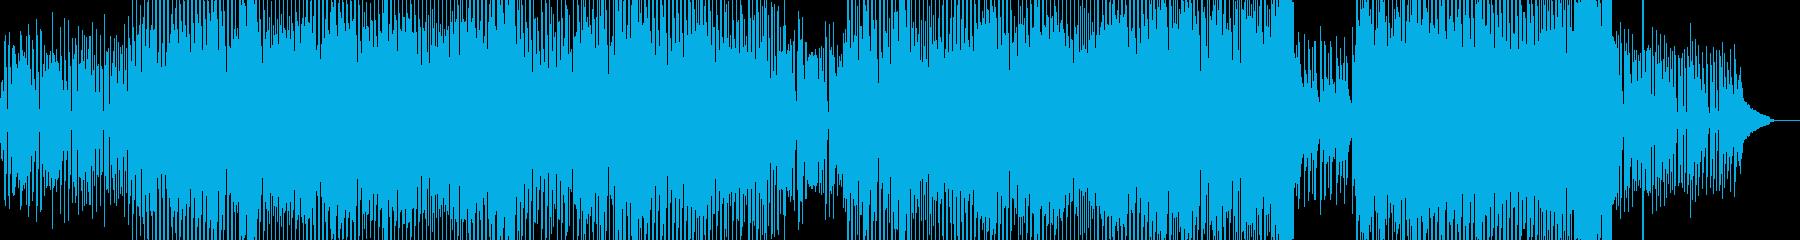 オシャレでスマートでスタイリッシュに!の再生済みの波形